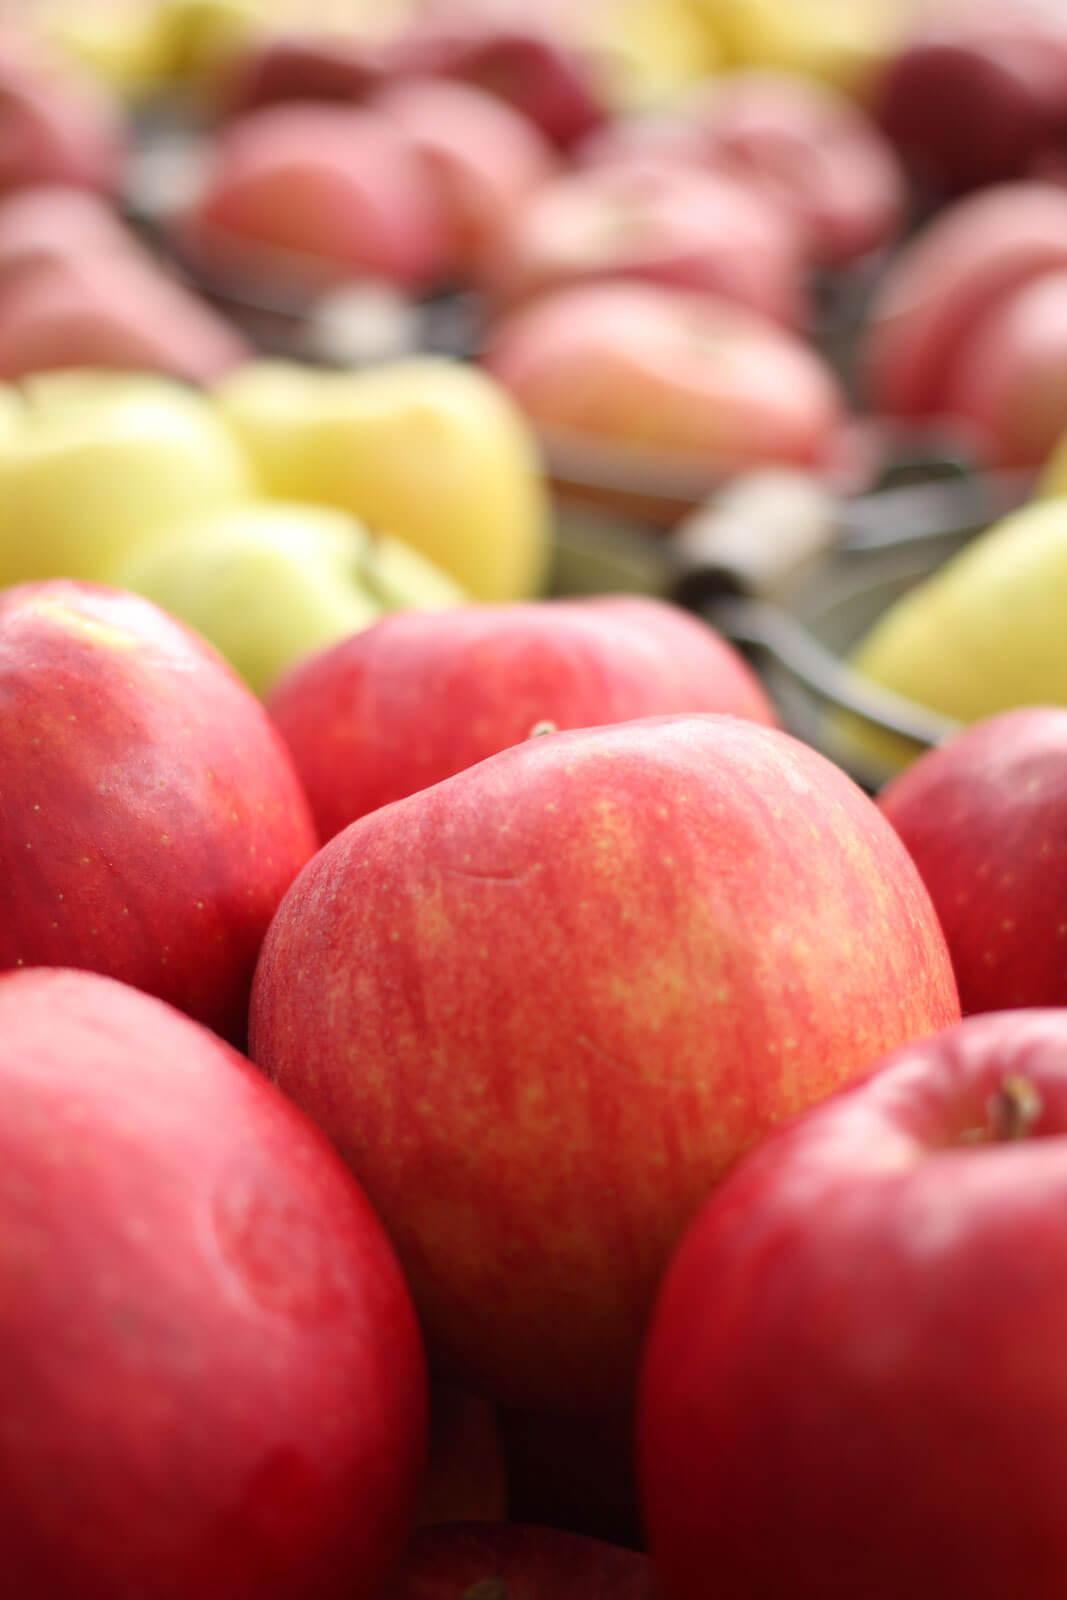 吉池二七市 店先に並べられたりんご